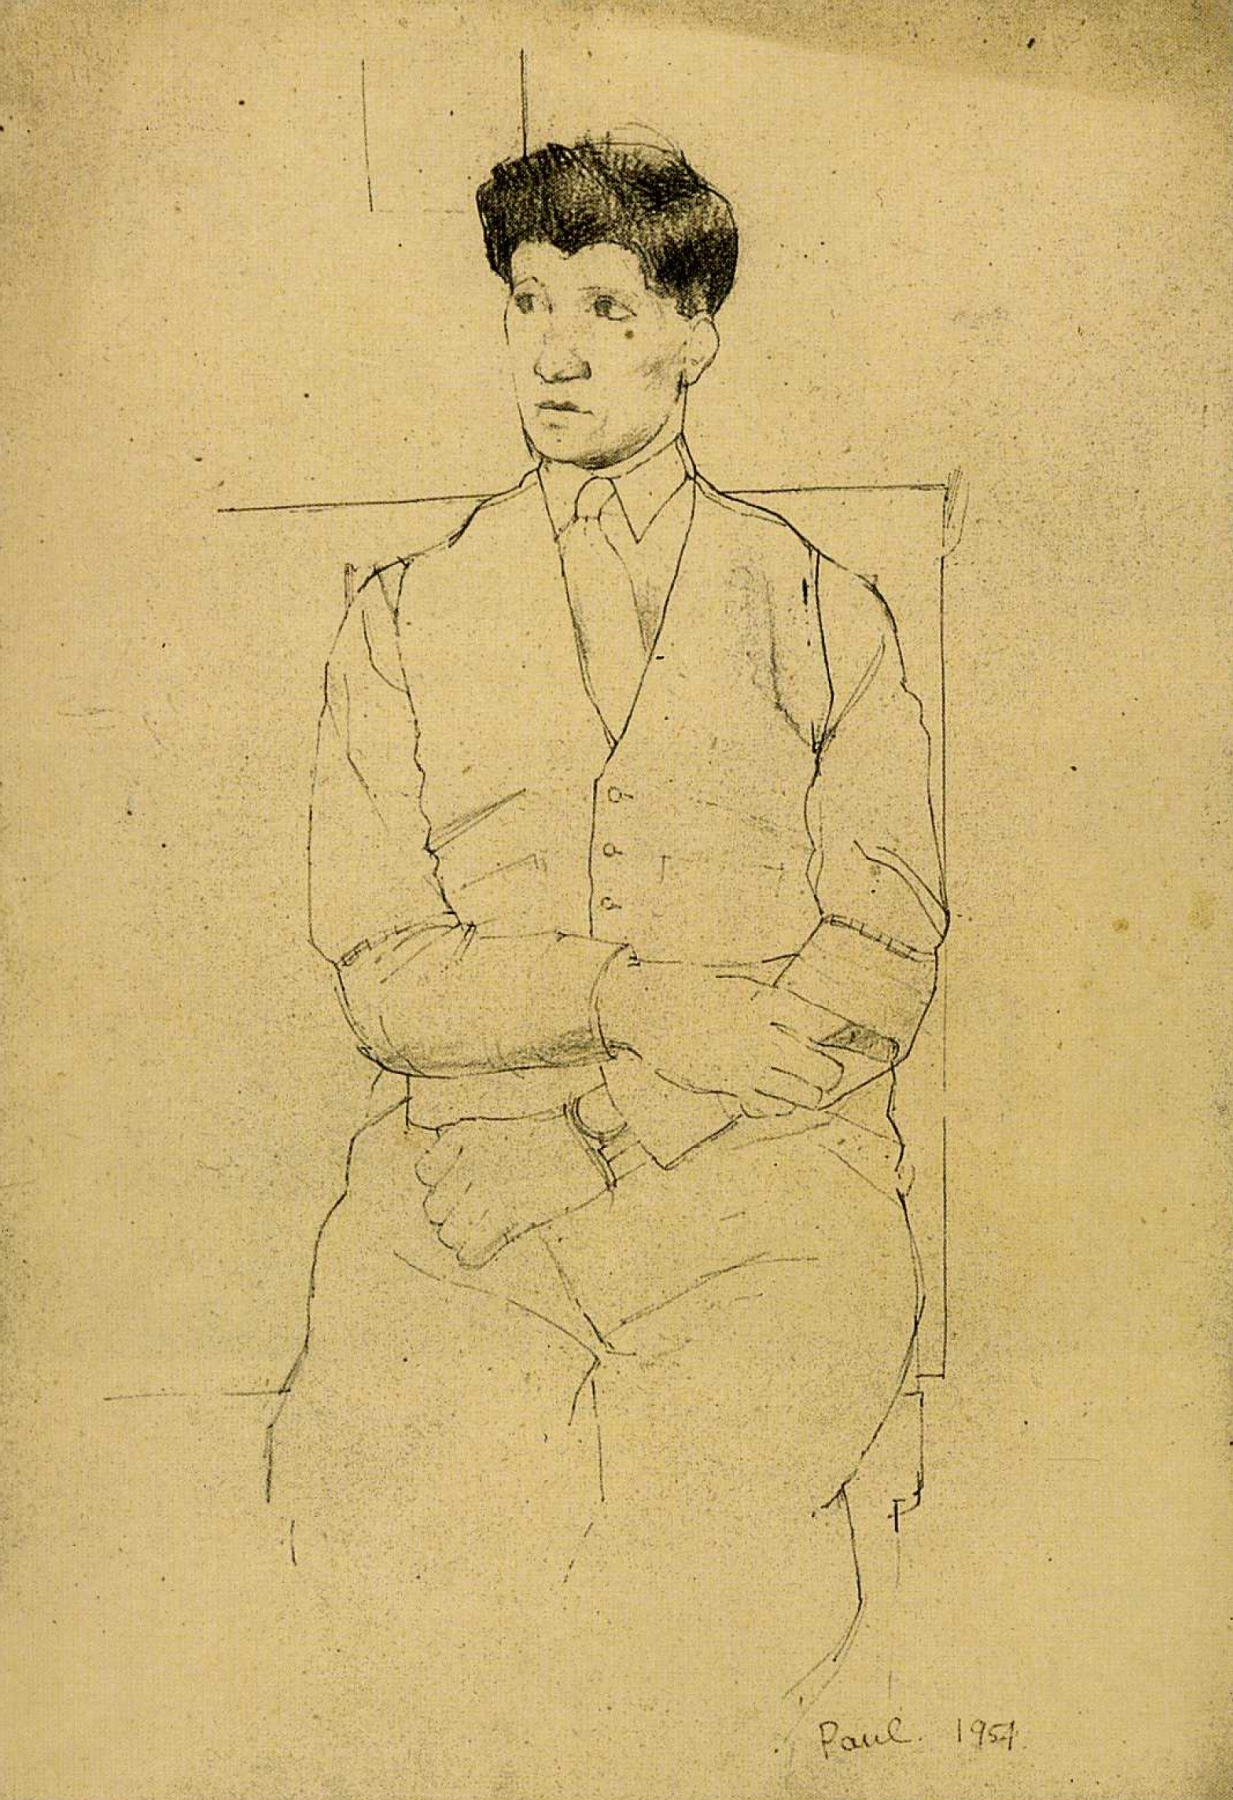 David Hockney. Paul Hockney